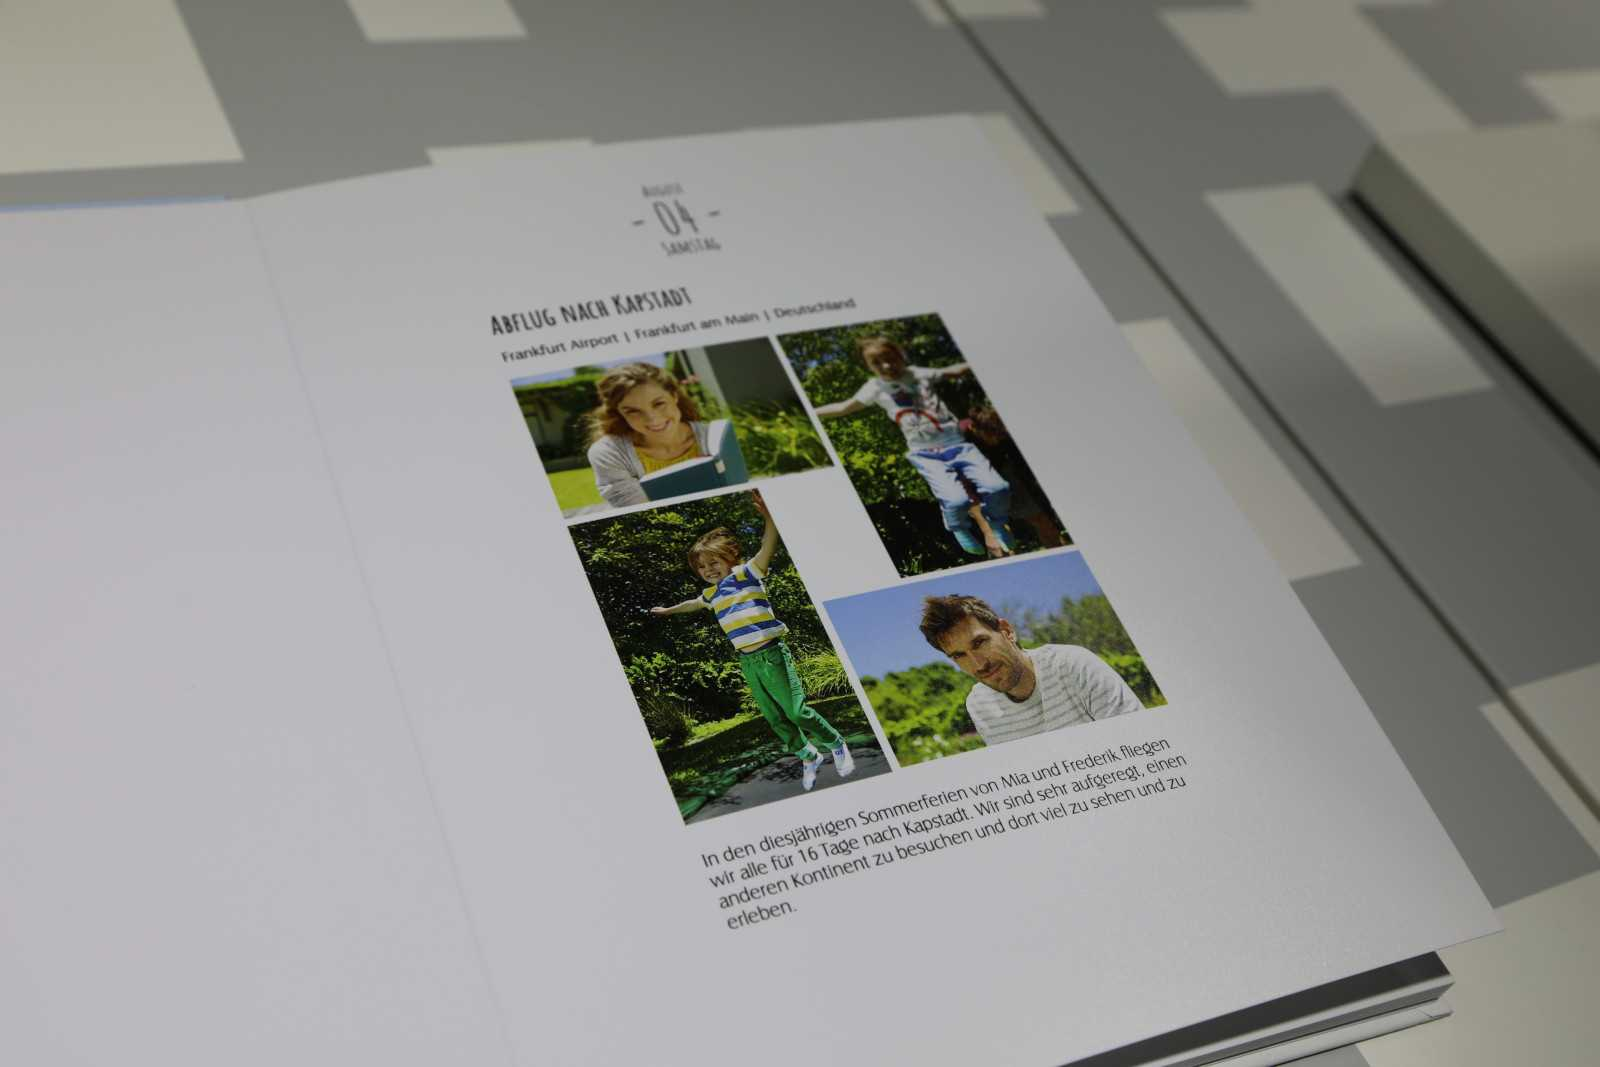 Smarte Anwendung hilft bei Fotobuch-Erstellung